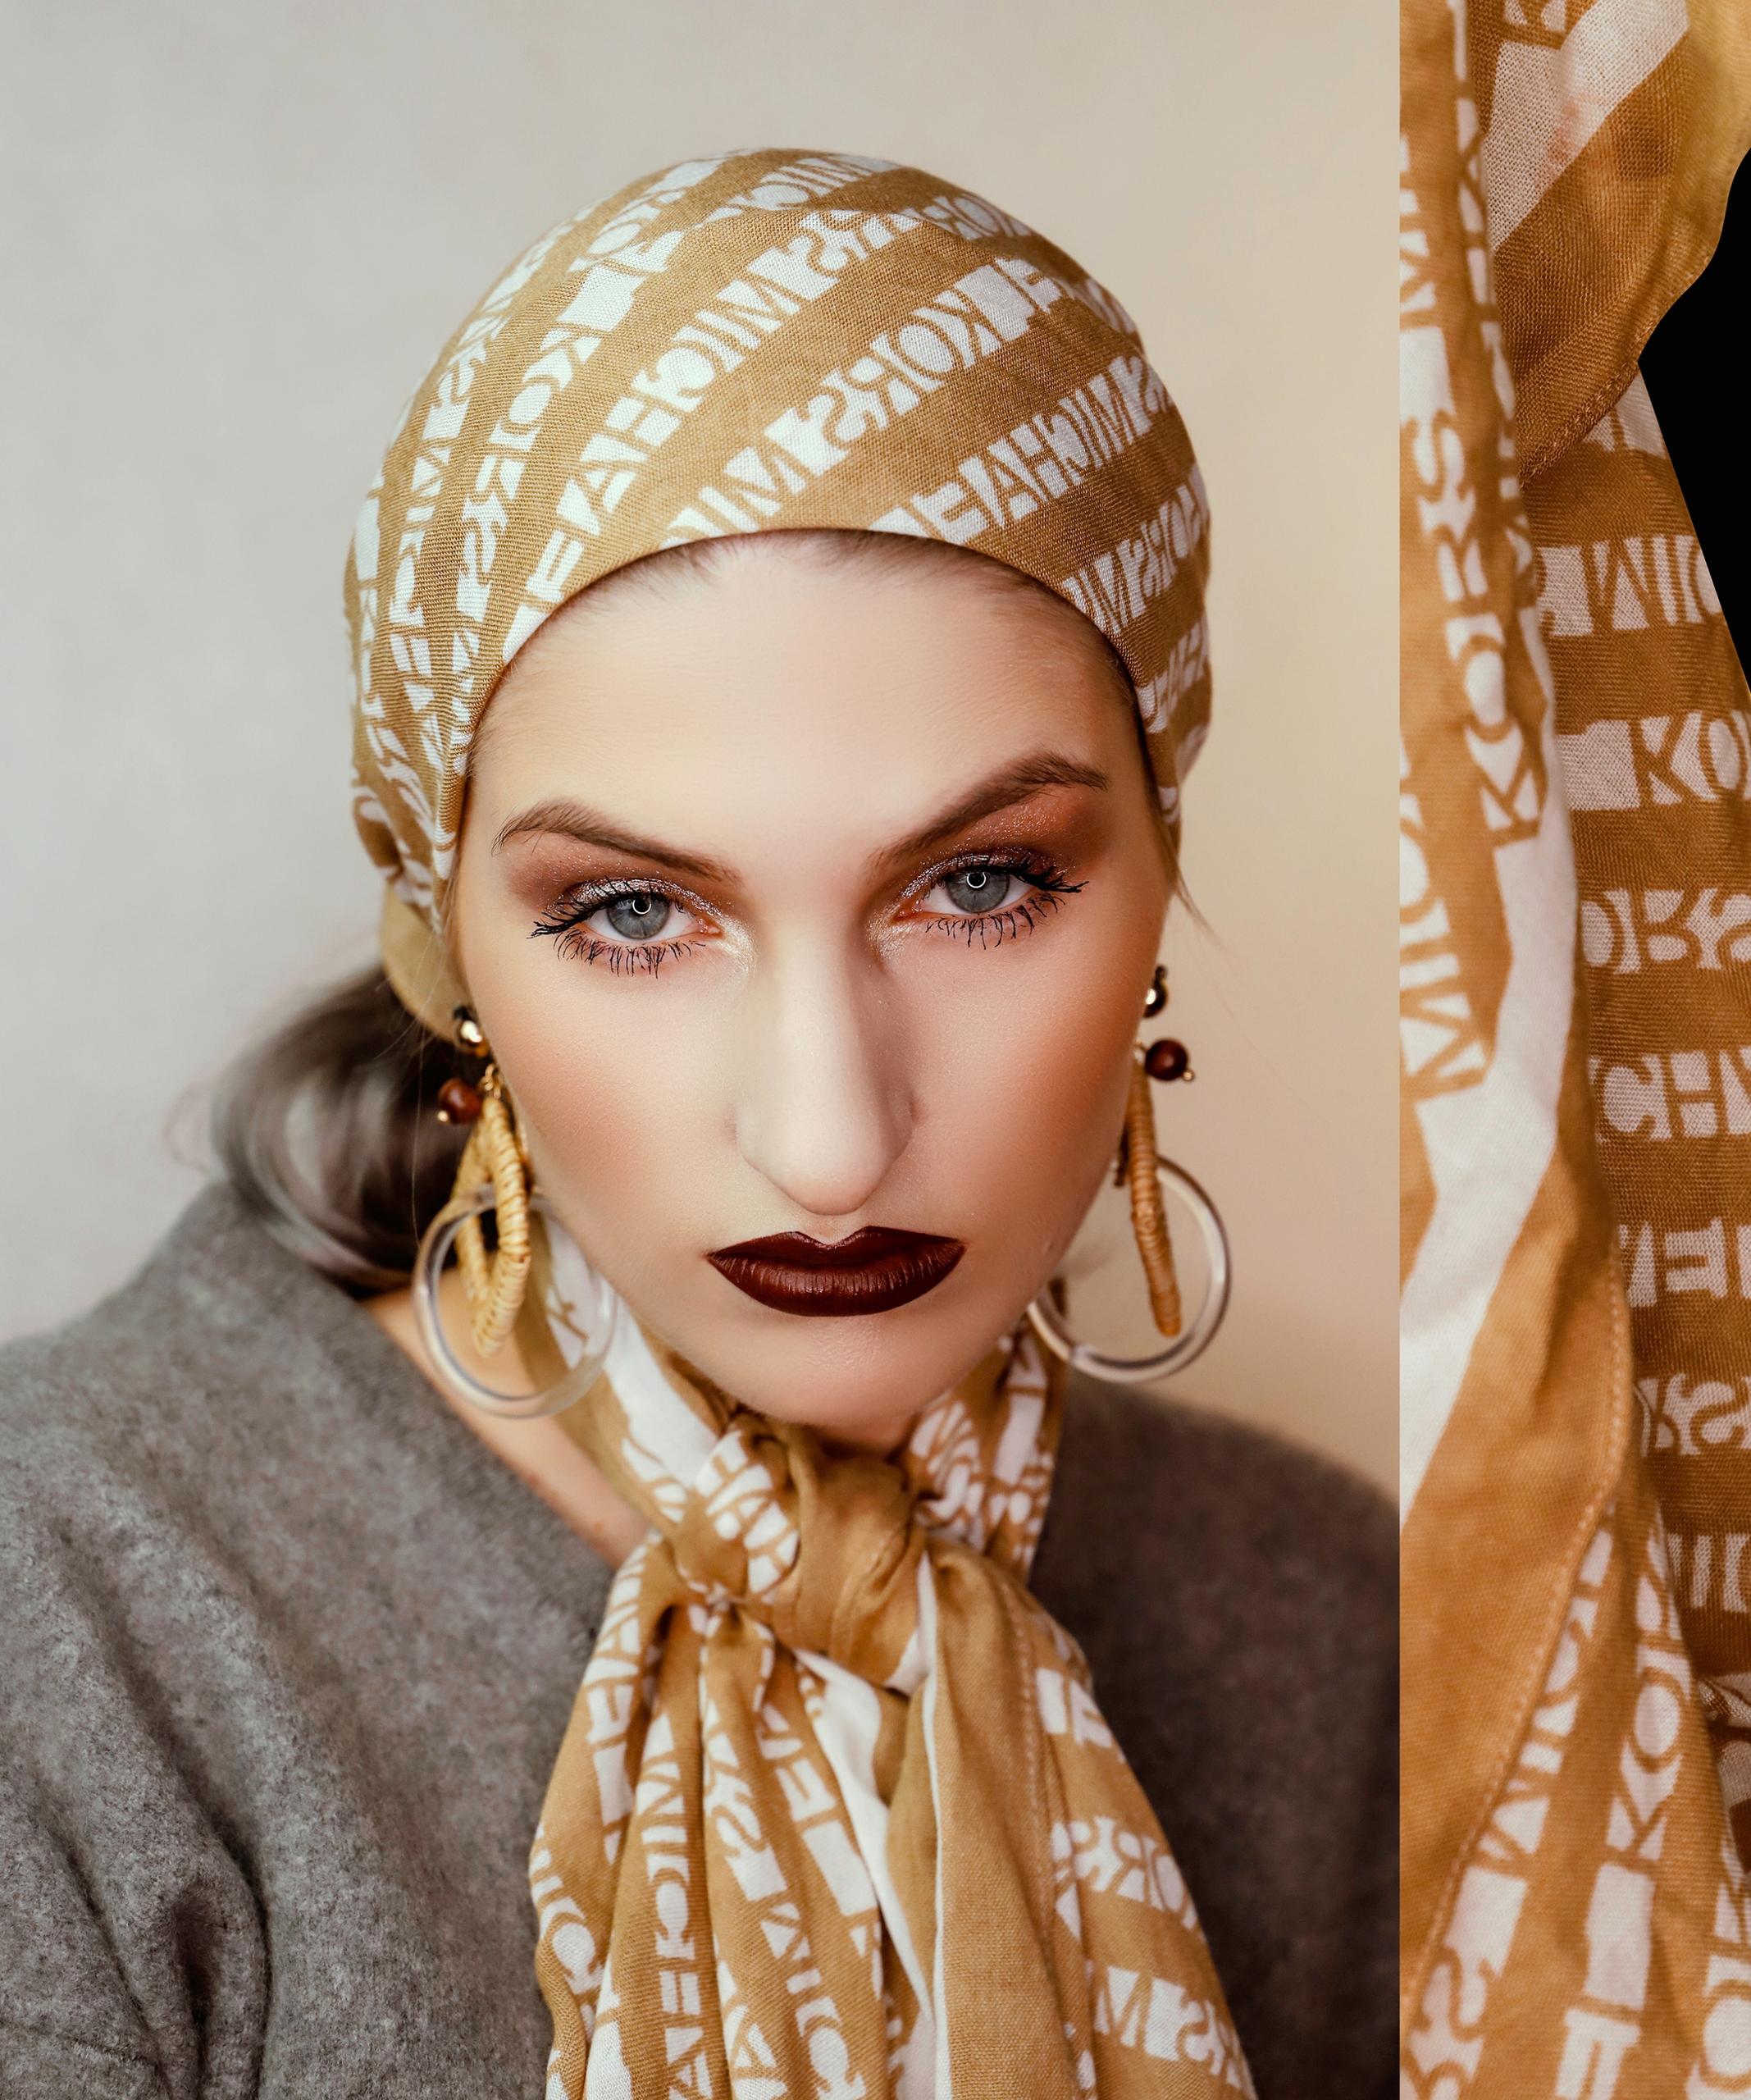 Obraz przedstawia portret kobiety w beżowej chustce na głowie.